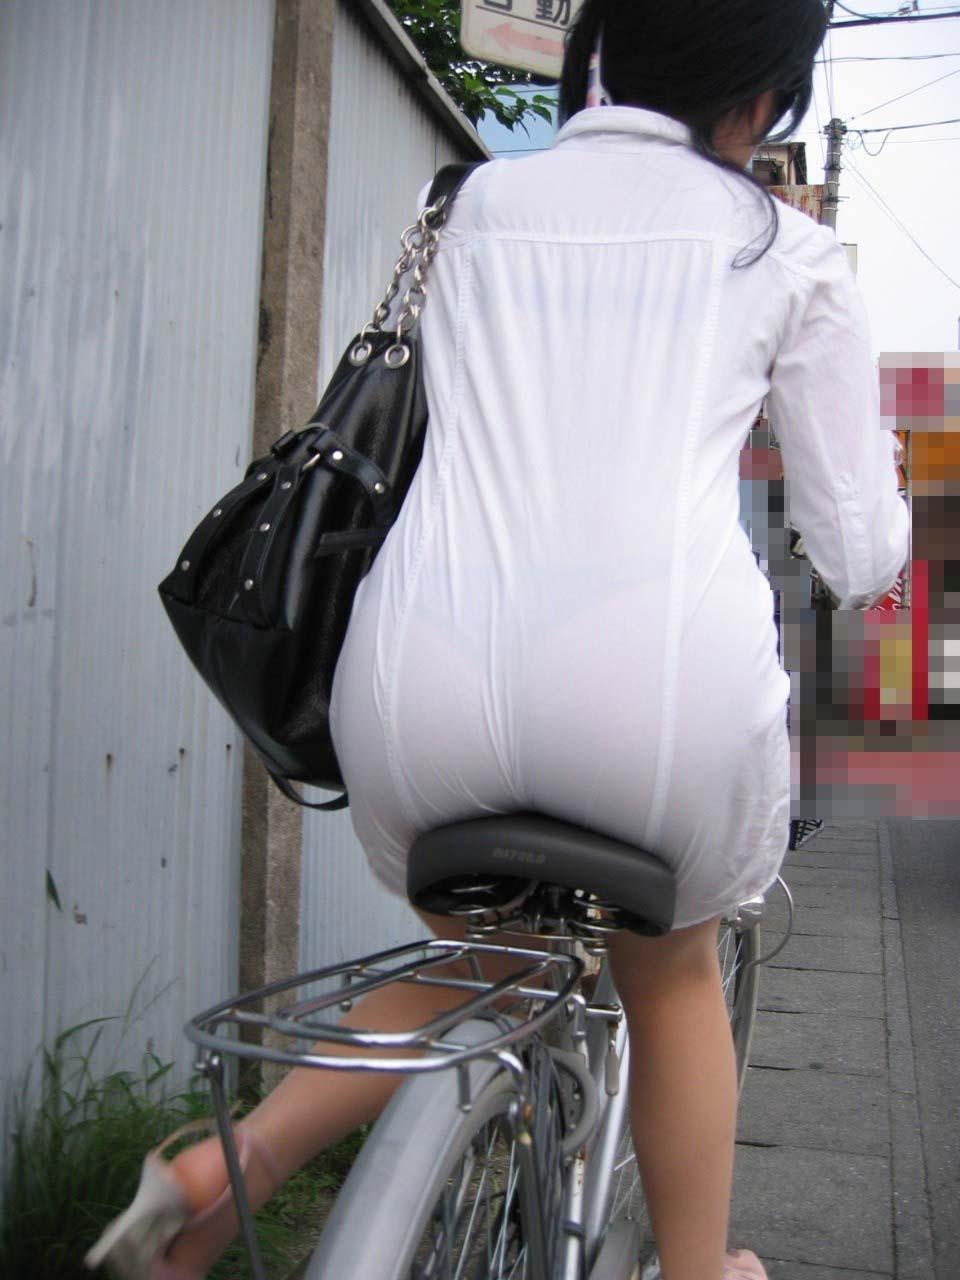 【エロ画像】春先から急激に街で見かけるようになる素人おねえさんたちの透けパンティがたまんねーwwww